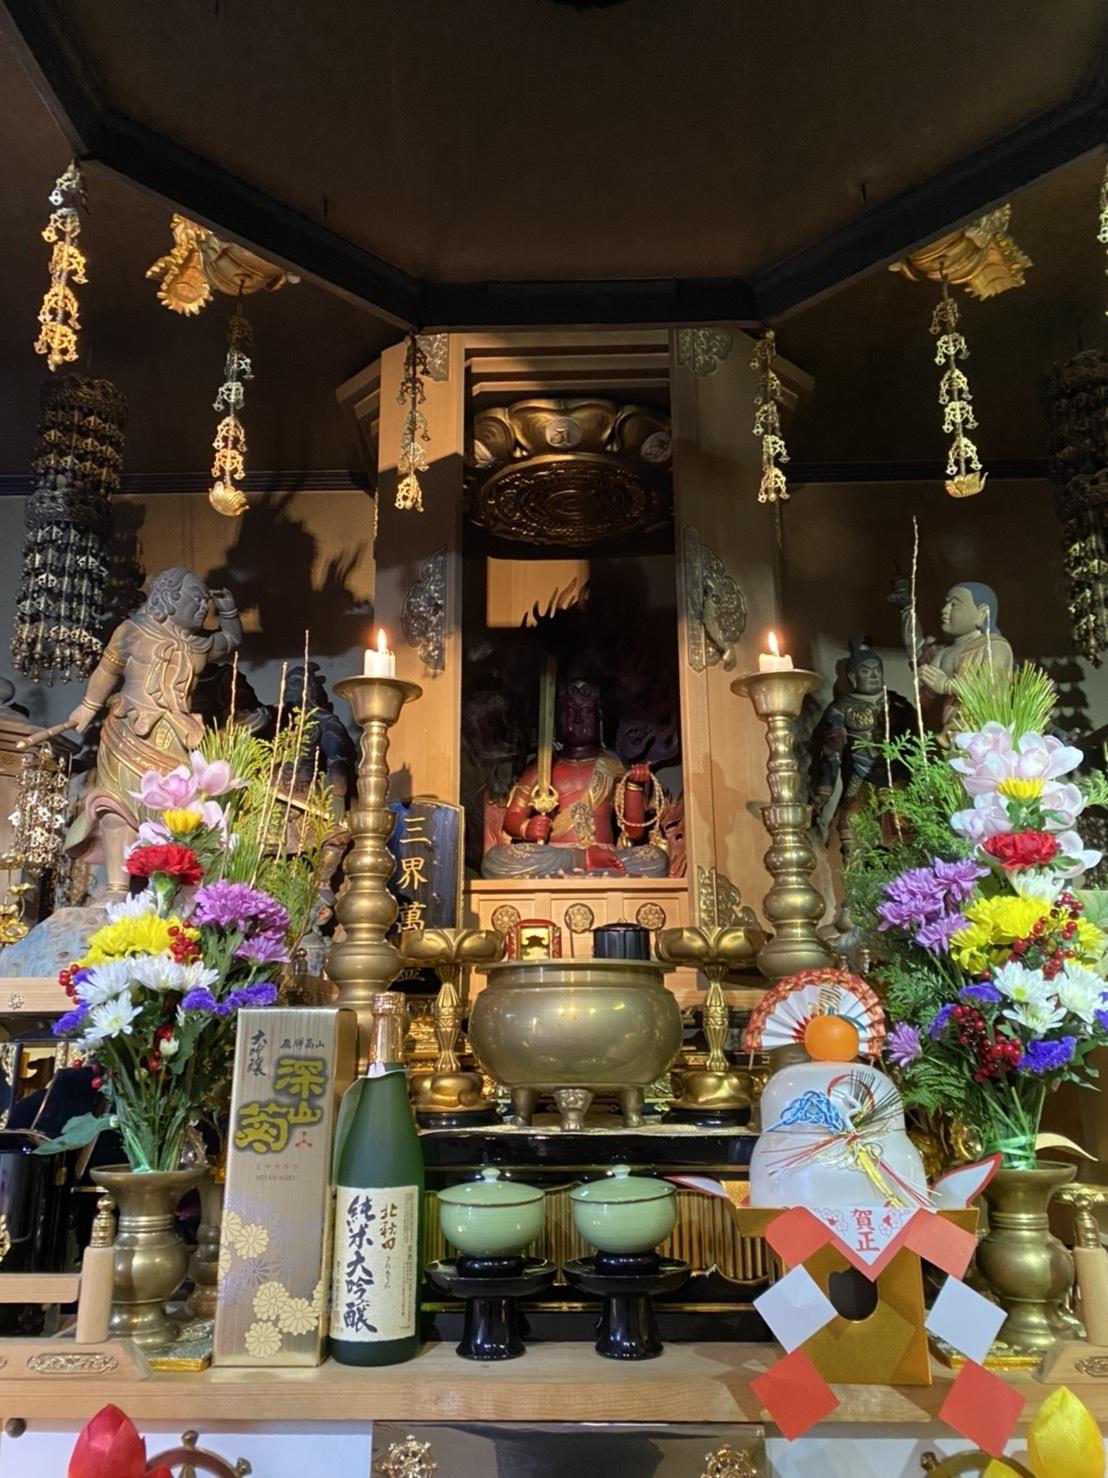 【1/31締切】令和2年開運特別祈祷_e0392772_21104414.jpg